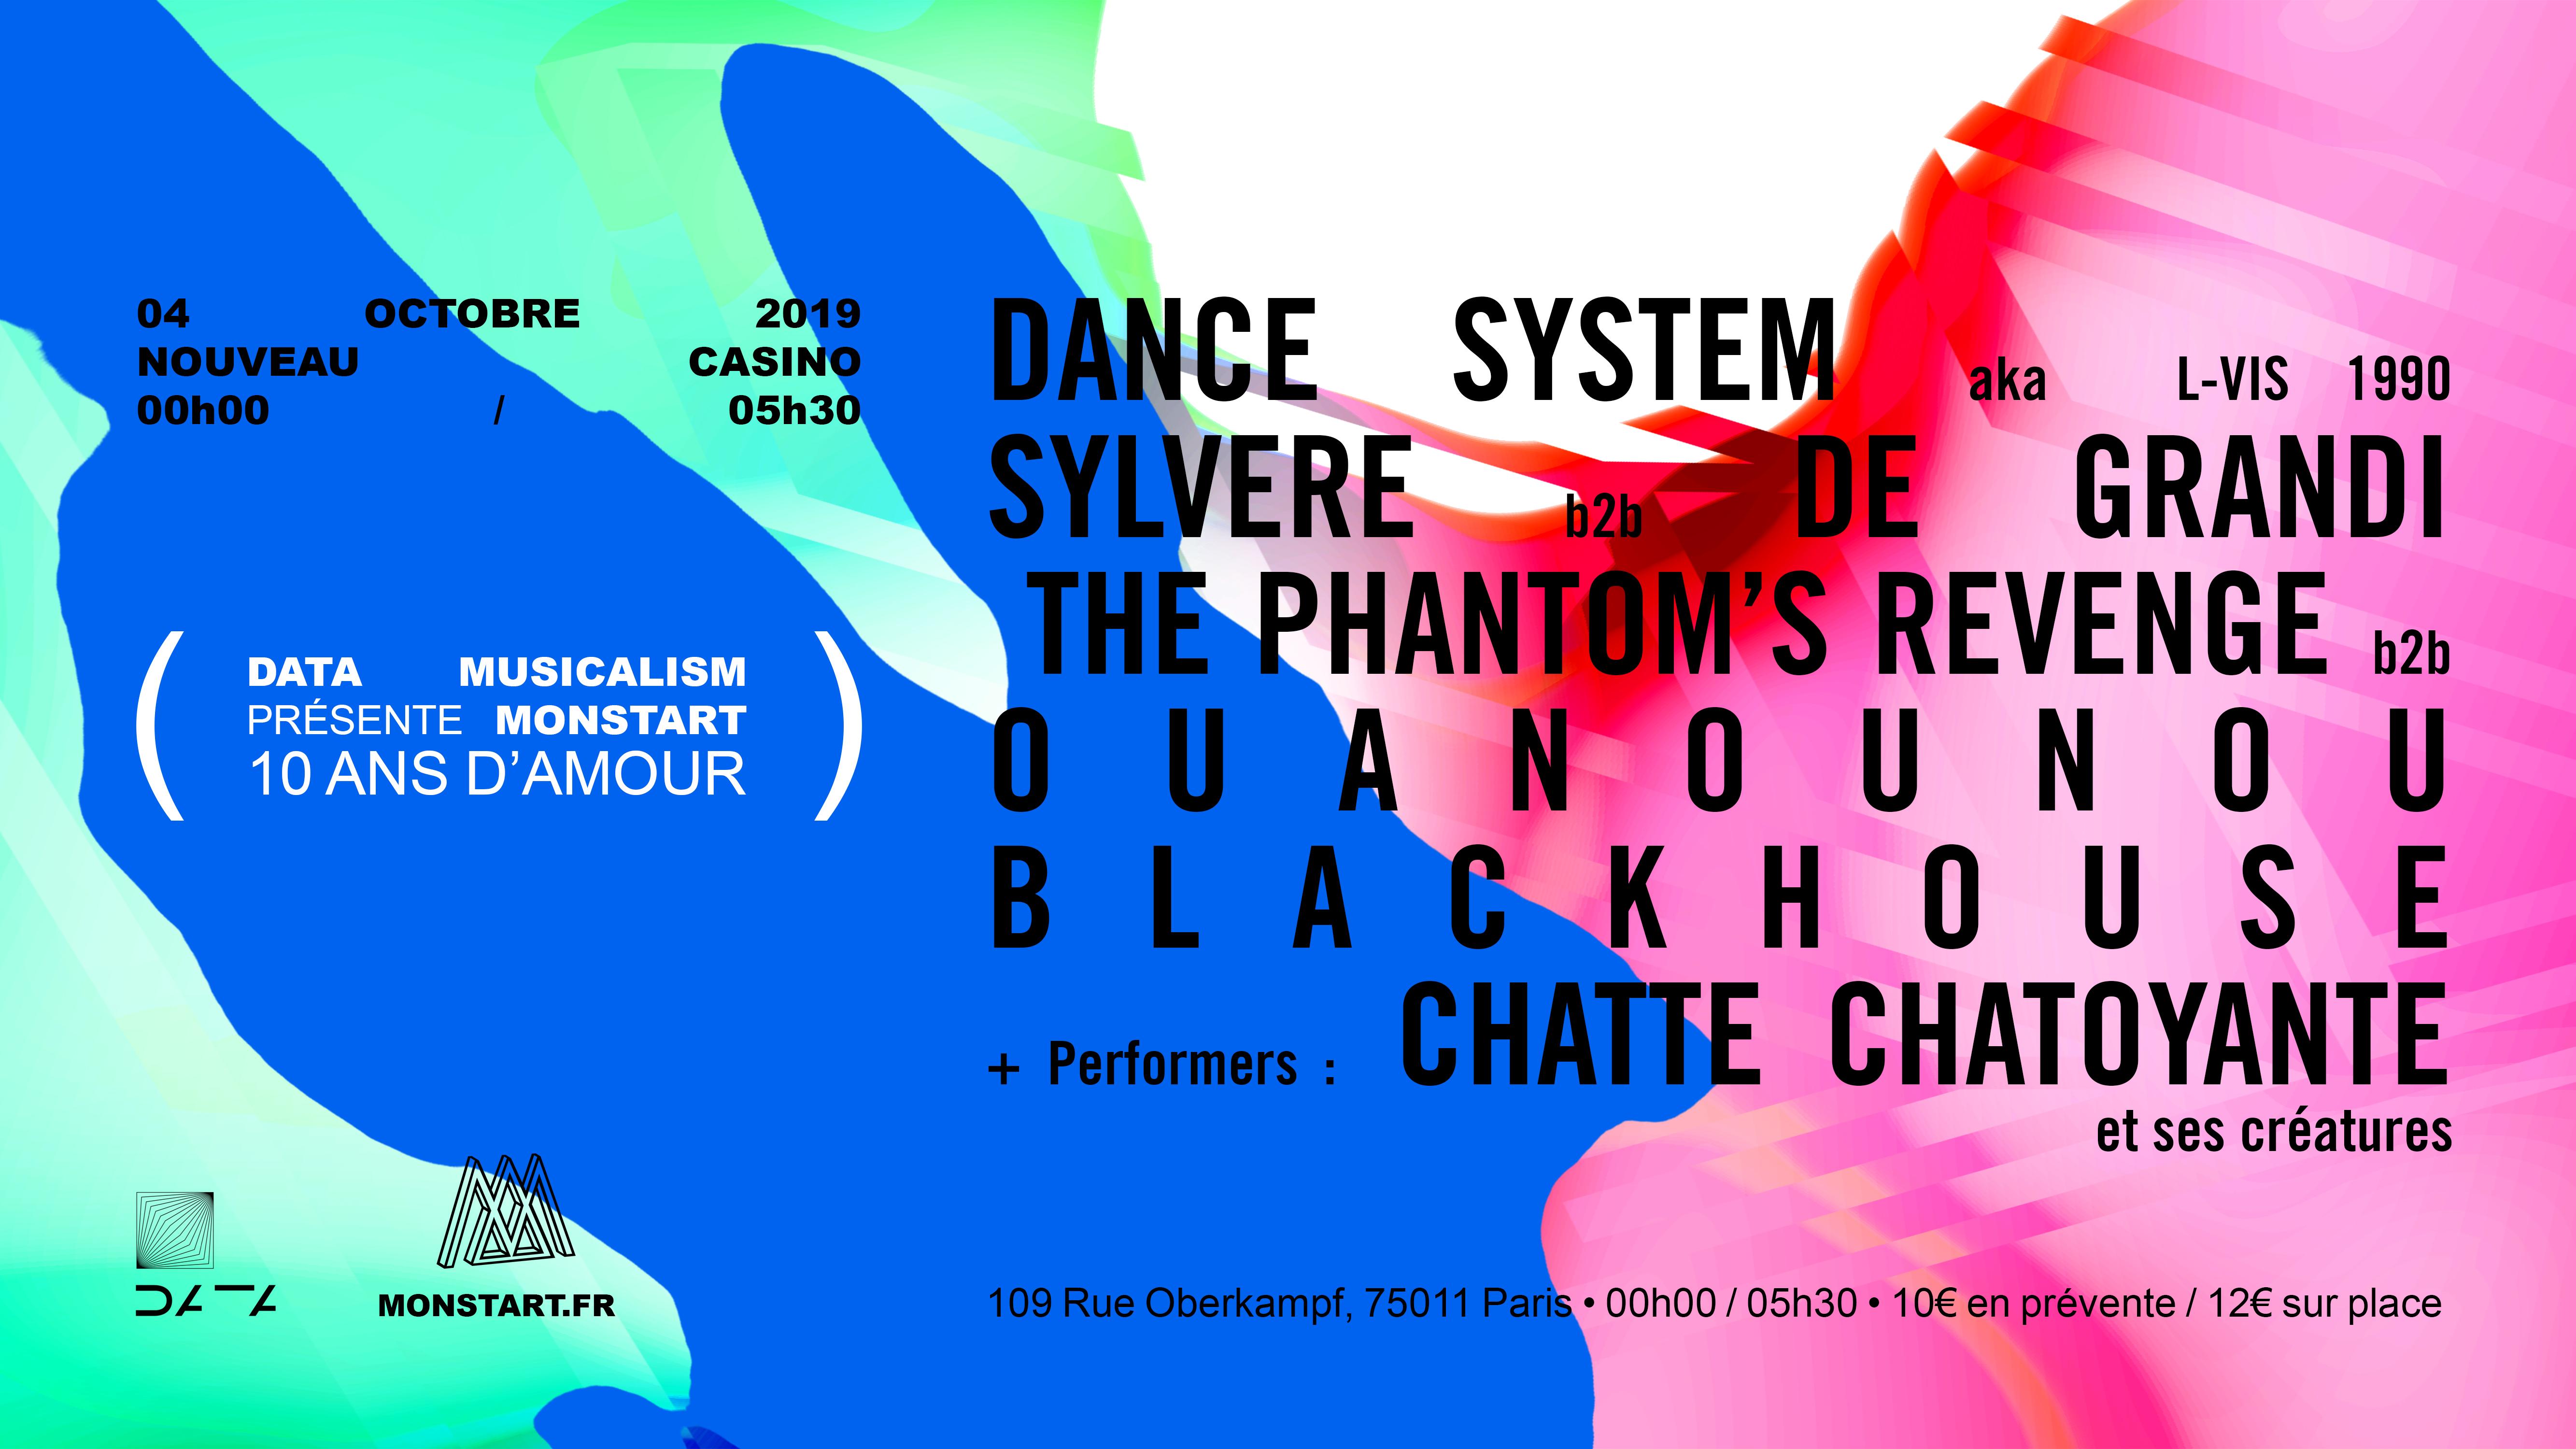 Monstart 10 ans d'Amour - Nouveau Casino, Paris w/ Dance System